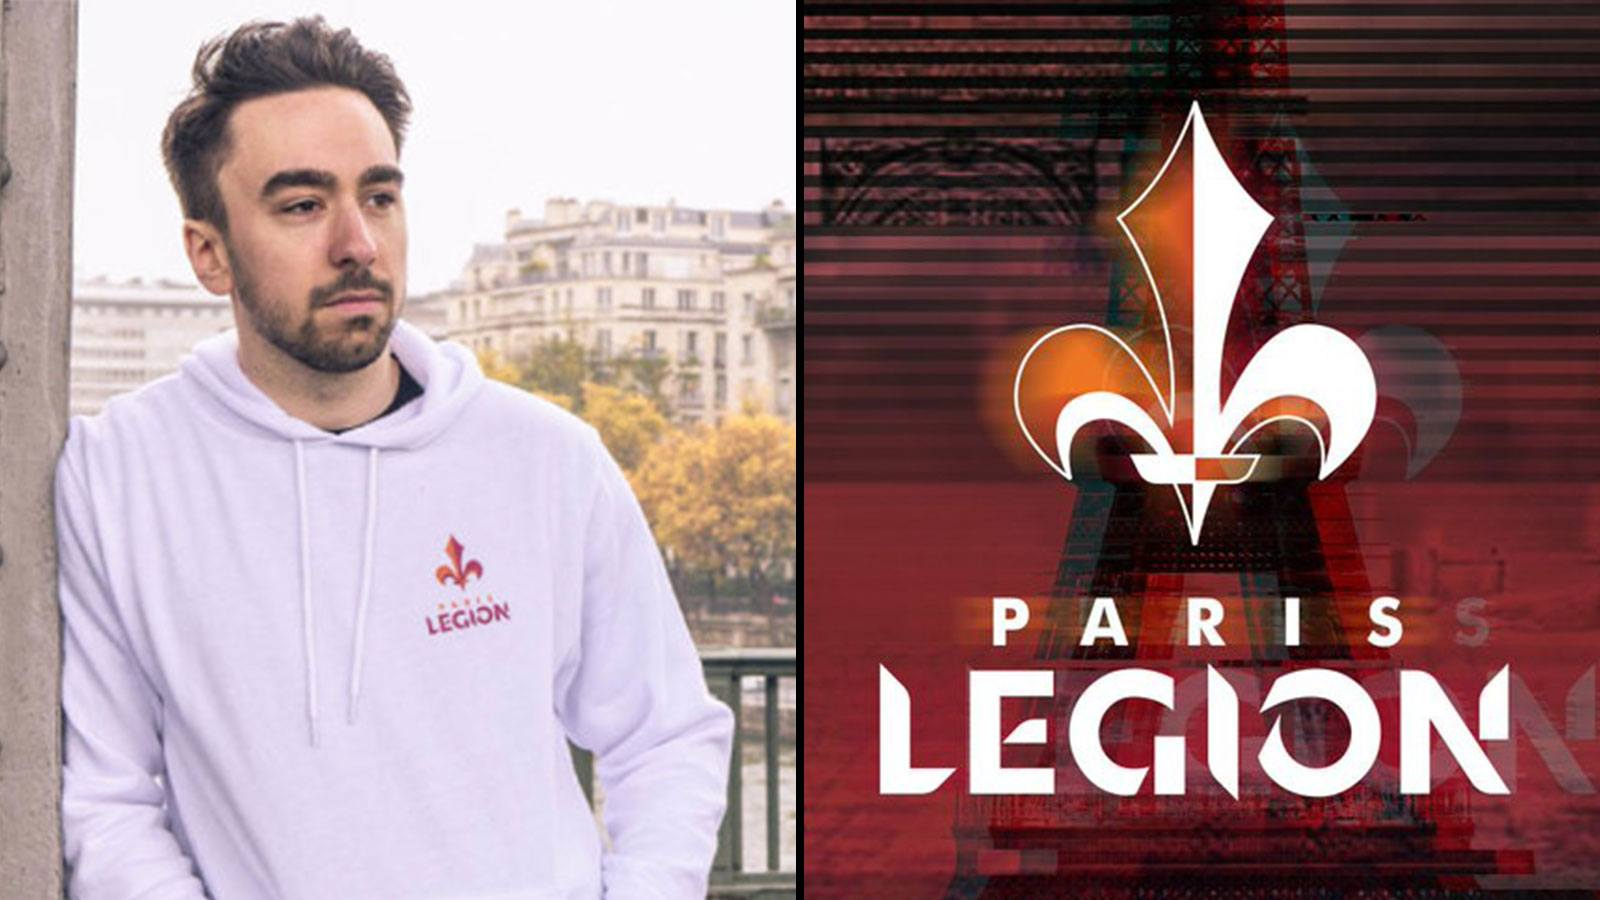 Le joueur français Breszy face au logo de Paris legion